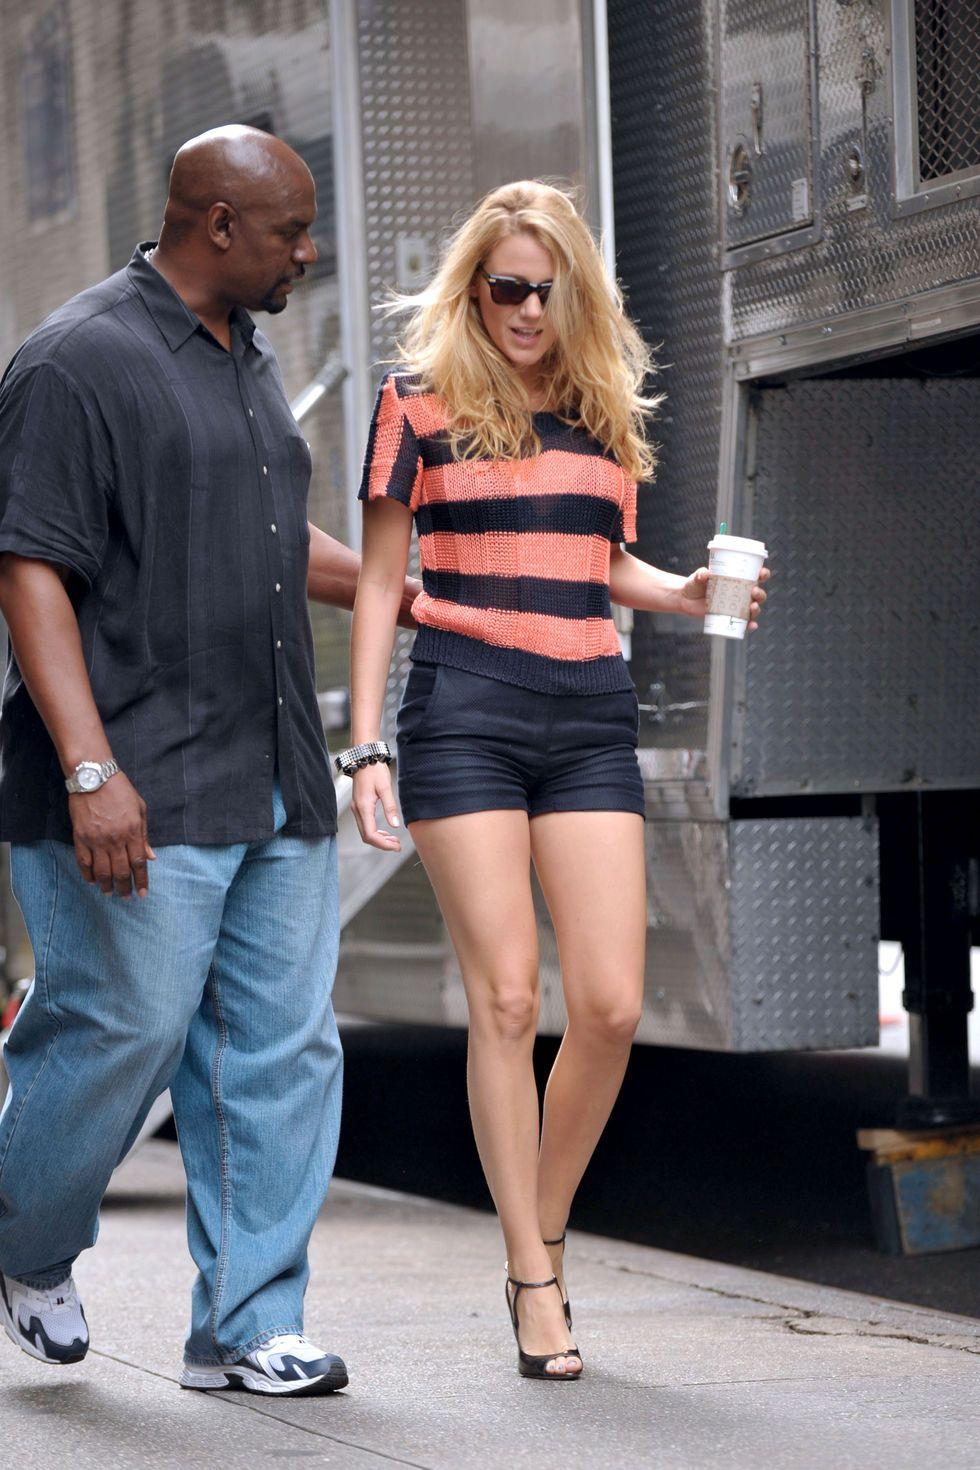 blake-lively-leggy-candids-on-the-gossip-girl-set-in-new-york-01 ... 708dd60934f54